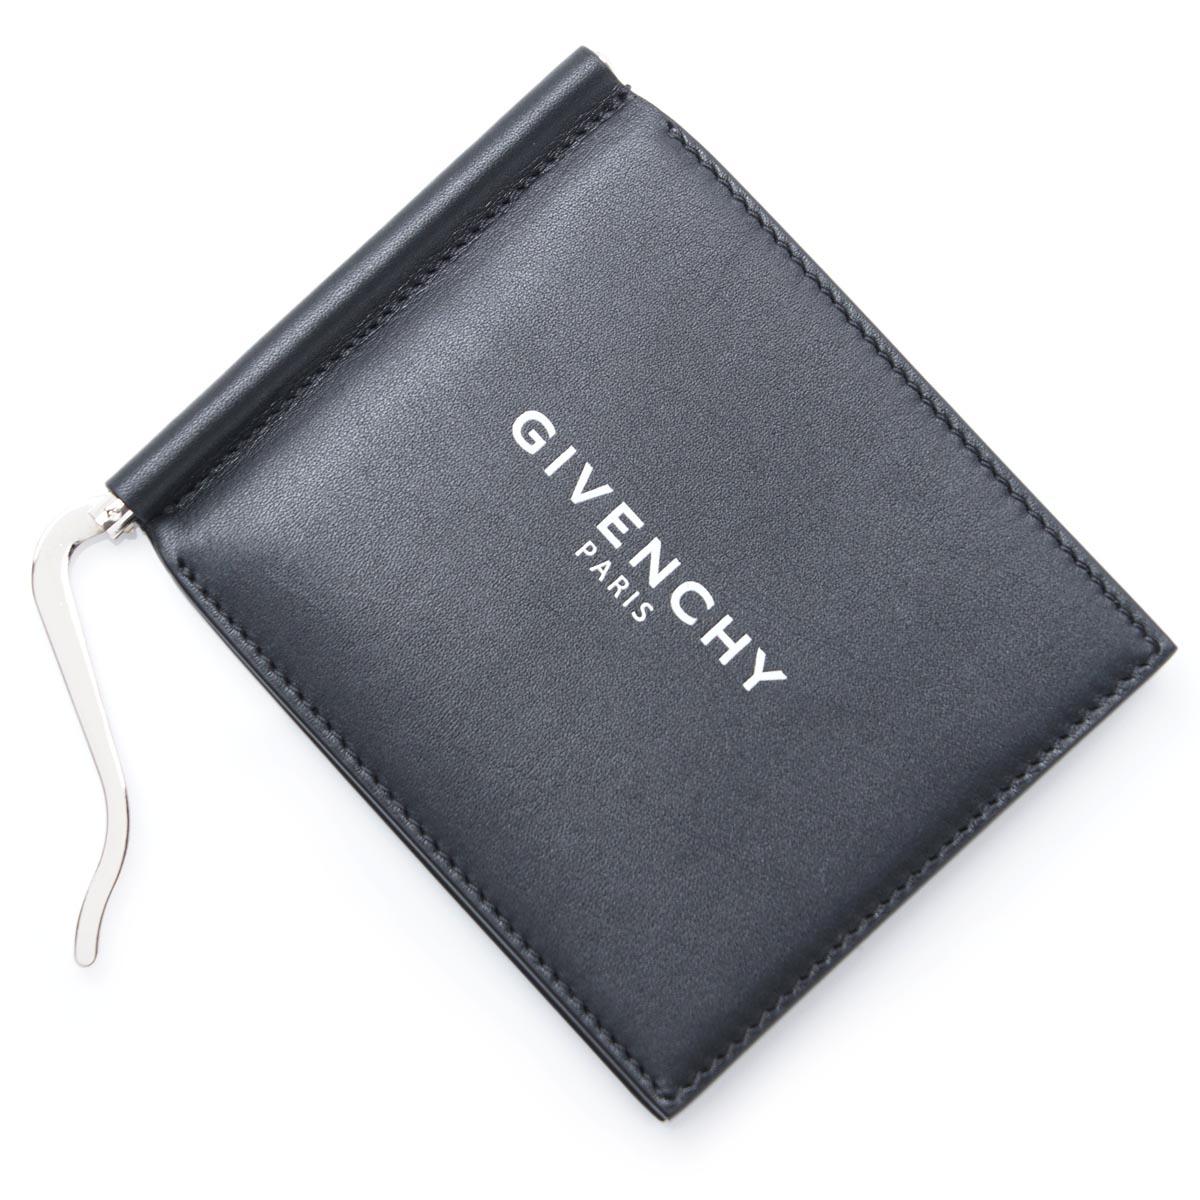 ジバンシー GIVENCHY マネークリップ 財布 ブラック メンズ ギフト プレゼント レザー 本革 bk6028k0ac 001【ラッピング無料】【返品送料無料】【あす楽対応_関東】